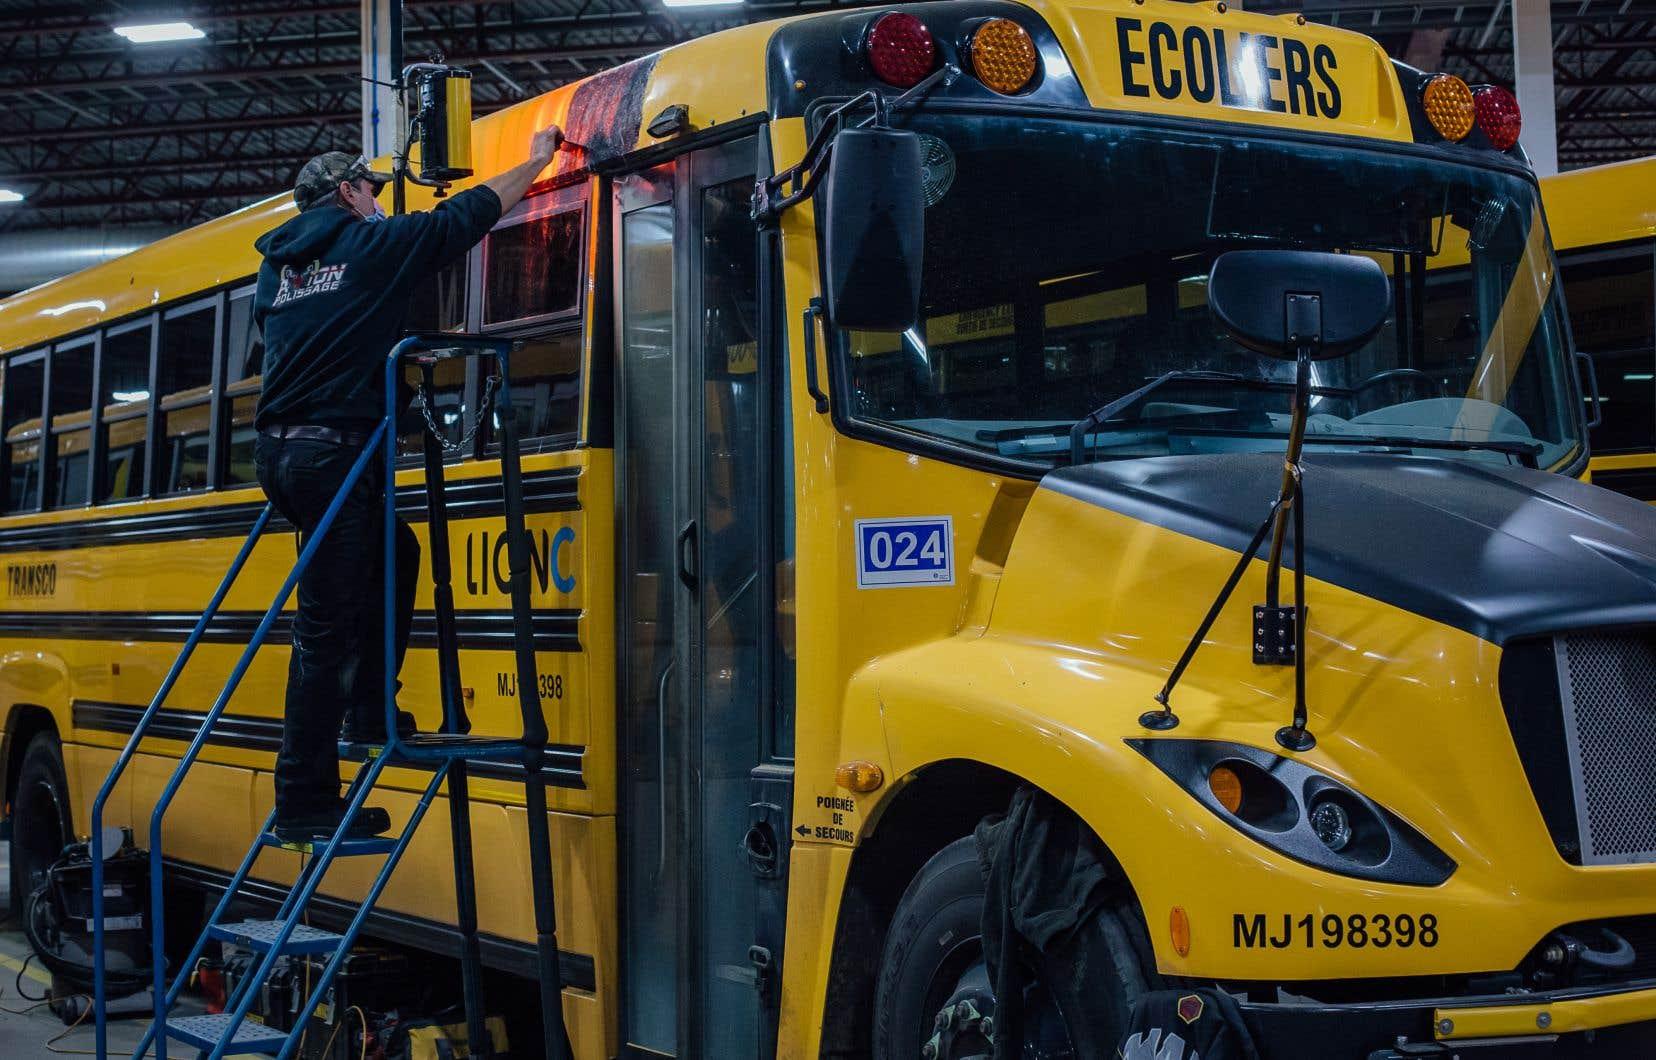 Quand elle sera opérationnelle fin 2022, la nouvelle usine de Lion Électrique à Mirabel produira des batteries pour équiper chaque année l'équivalent de 14000 véhicules électriques comme ceux que Lion compte vendre au Canada et aux États-Unis. Sur la photo, l'usine de production de camions et d'autobus de Lion Électrique, à Saint-Jérôme.